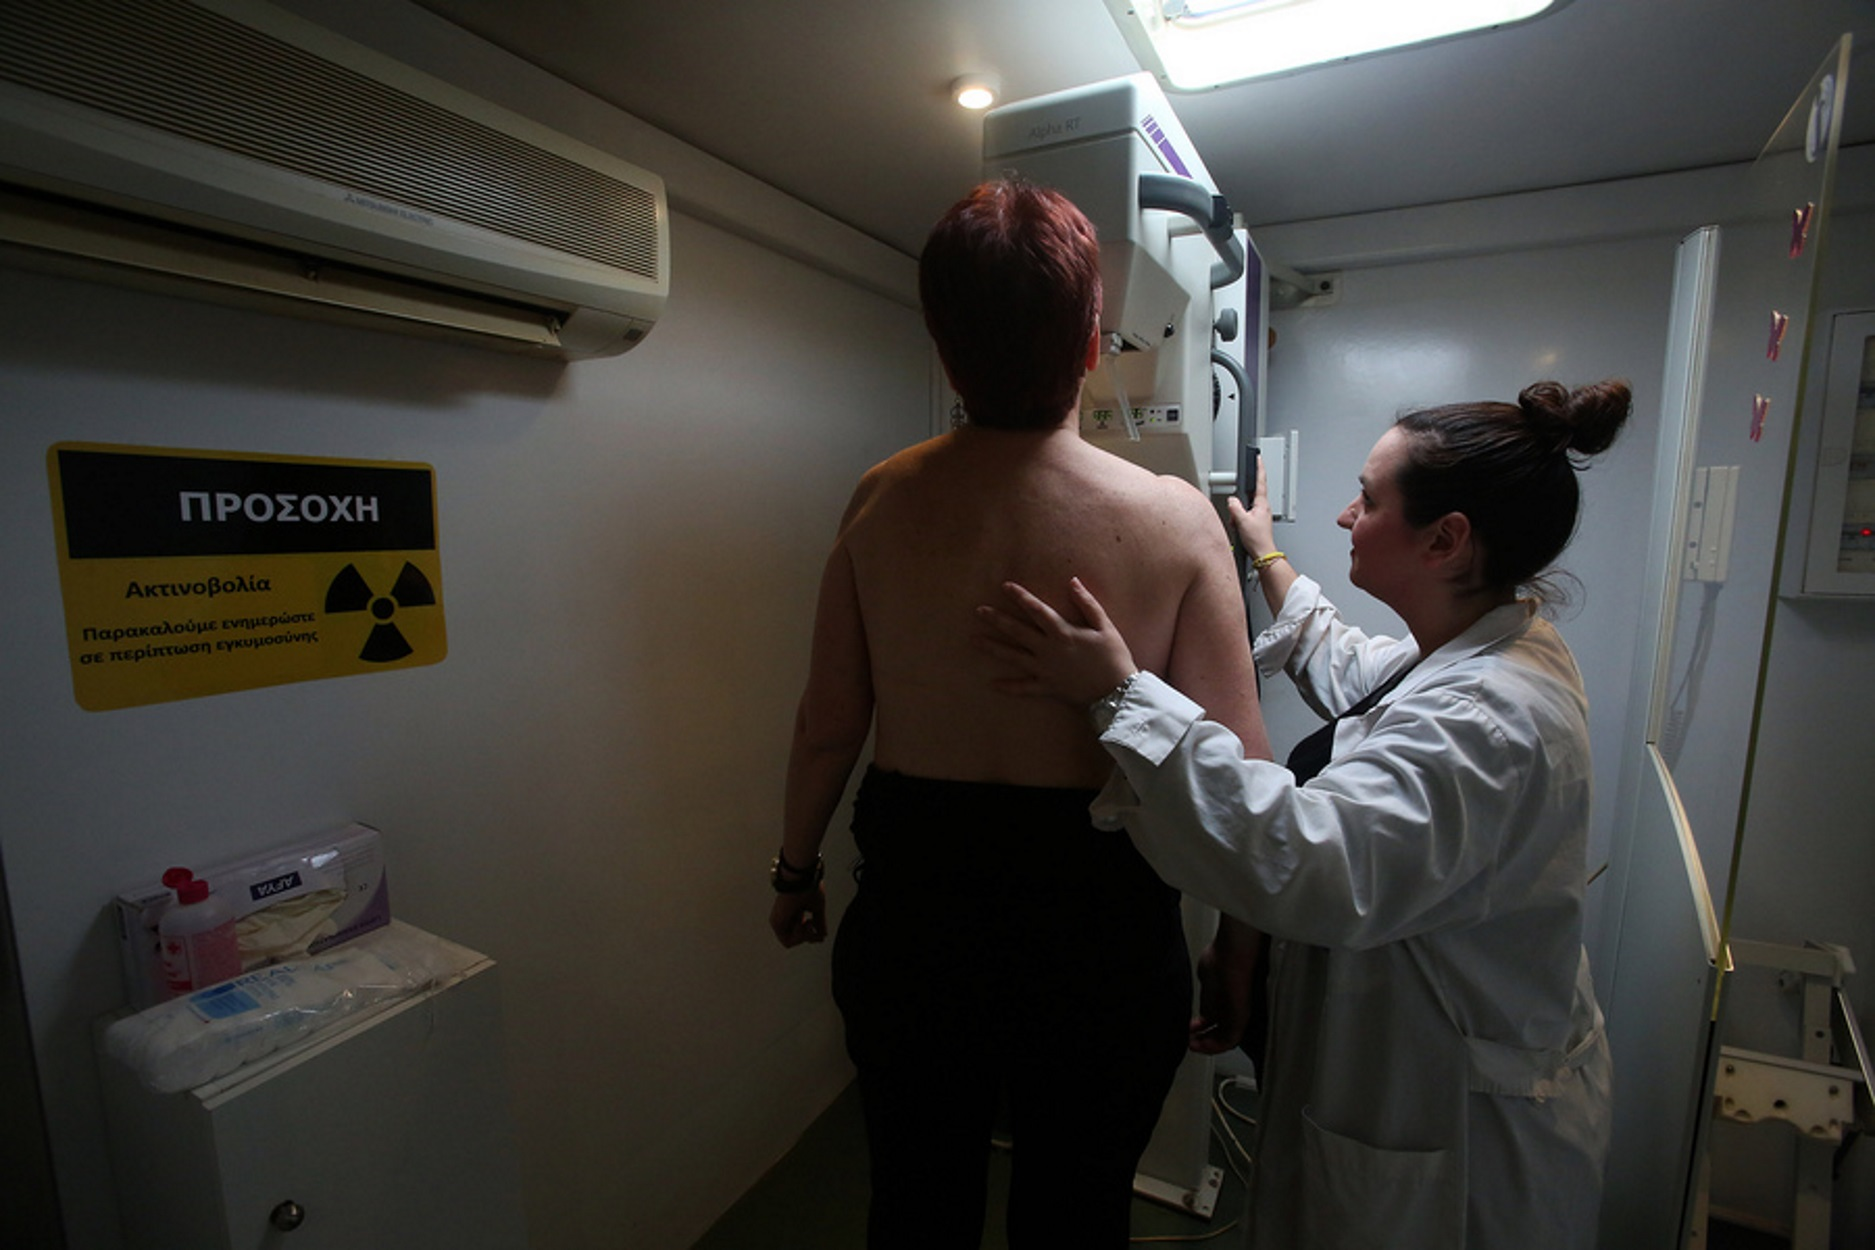 Δήμος Αθηναίων: Δωρεάν ιατρικές εξετάσεις μαστού και συνταγογράφηση μαστογραφίας